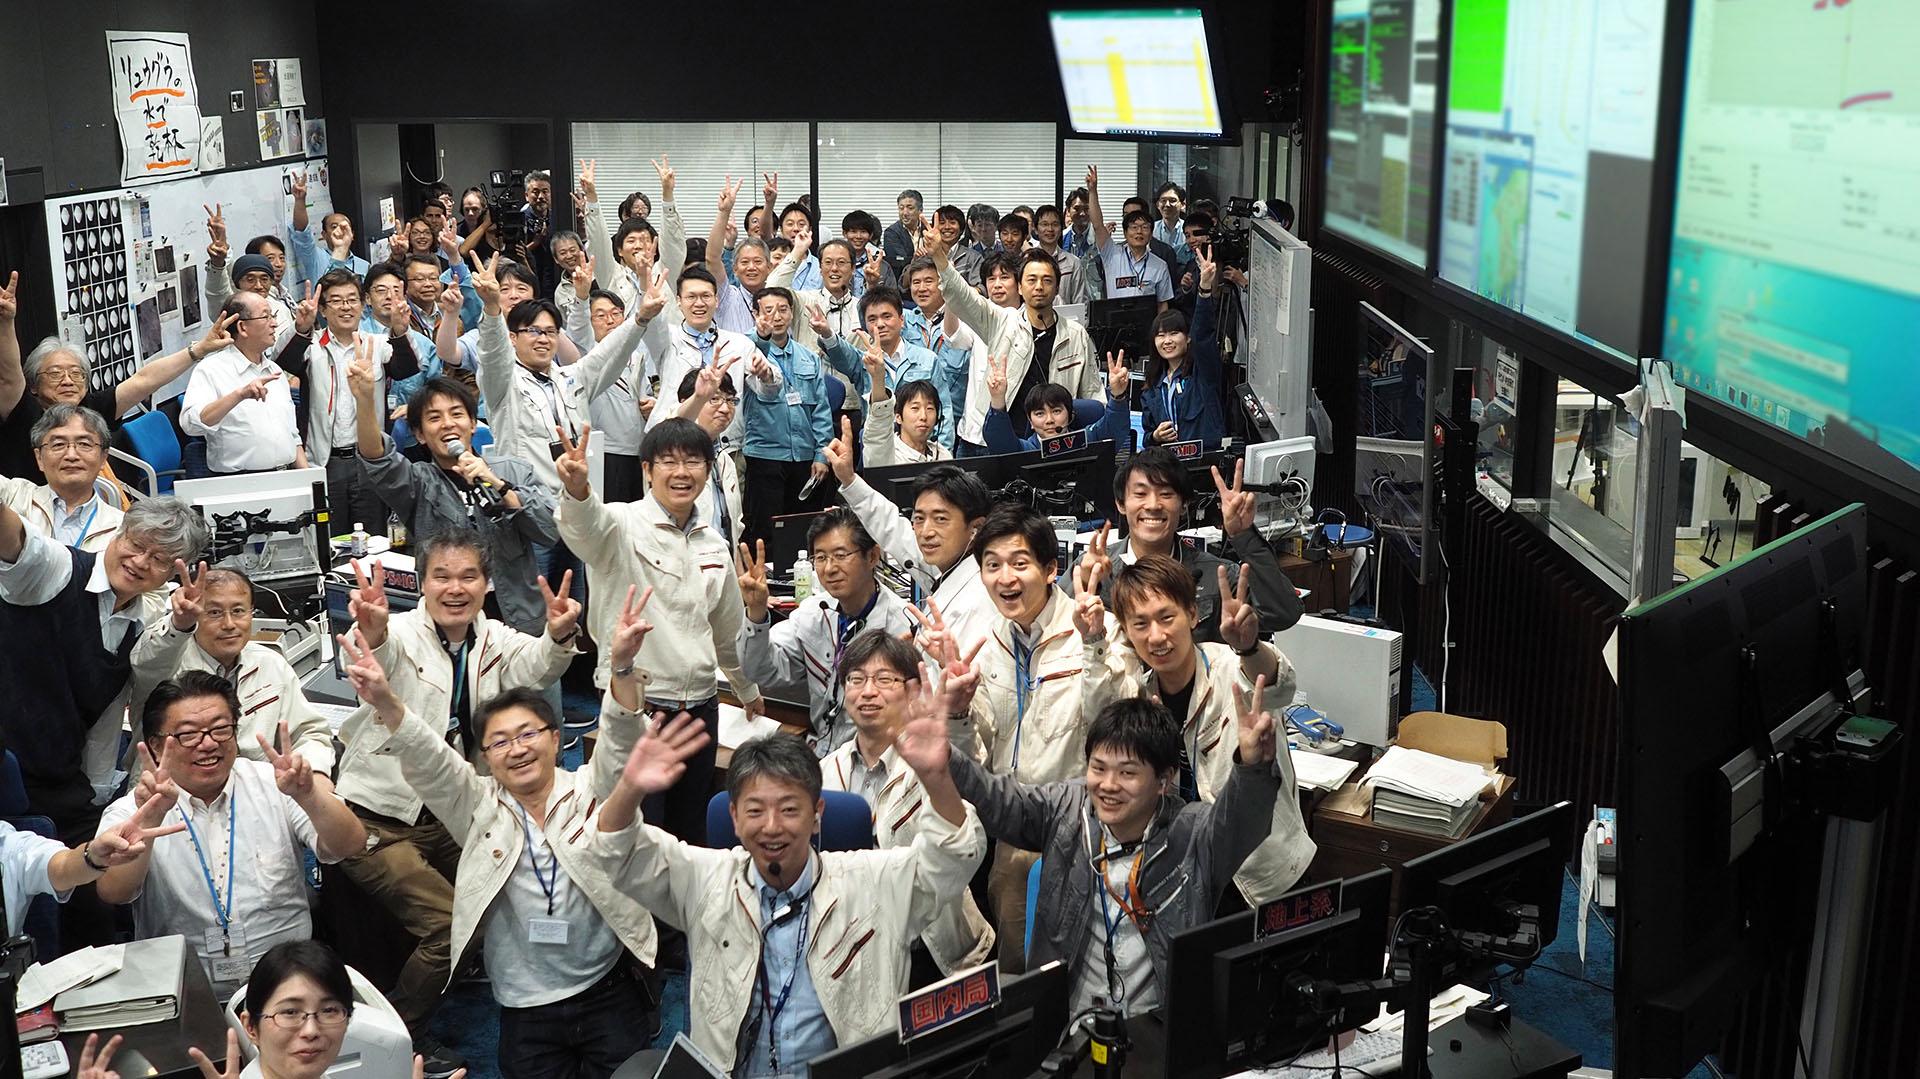 Esta fotografía del 11 de julio muestra a investigadores y empleados celebrando después de recibir la confirmación del aterrizaje de Hayabusa 2 en el asteroide Ryugu, en la sala de control de la misión en la ciudad de Sagamihara, prefectura de Kanagawa (Foto de Yutaka IIJIMA / ISAS-JAXA / AFP)